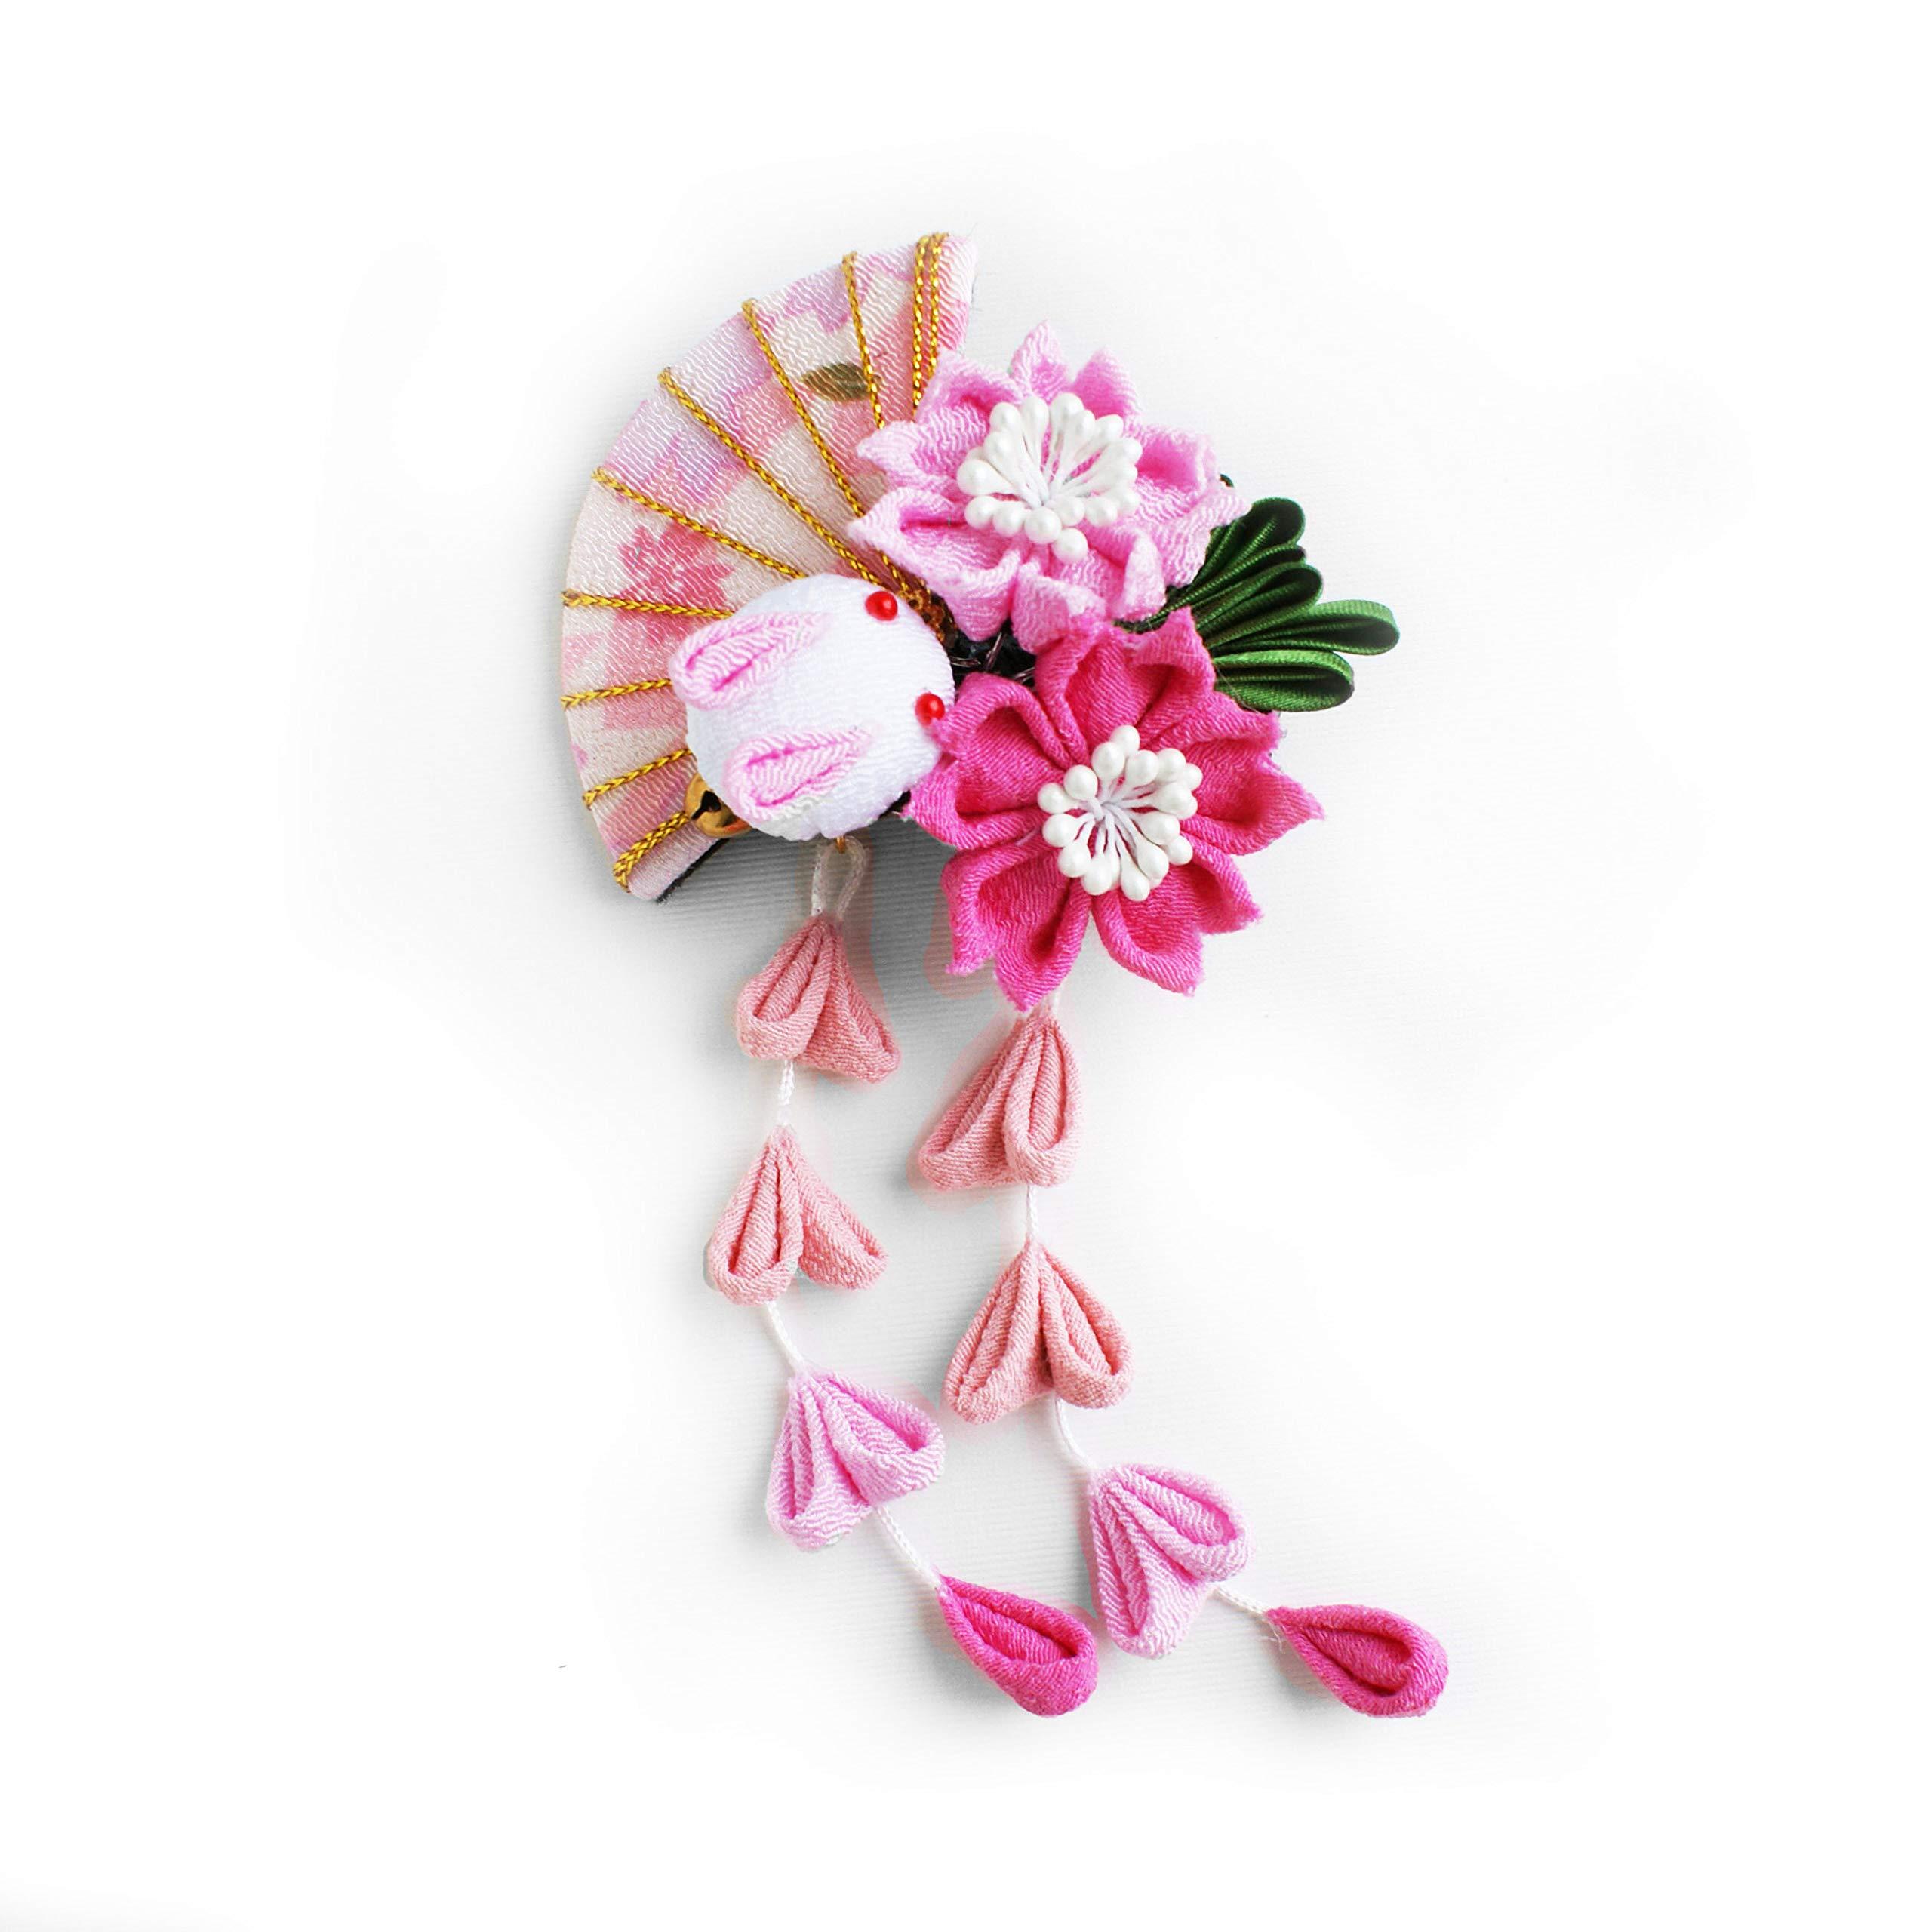 Japanese Kimono Kanzashi Hair Accessory, Cherry Blossom Moon Bunny and Fan Hair Clip, Tsumami Kanzashi Hair Piece, Kawaii Hair Piece for Yukata and Kimono (Pink)